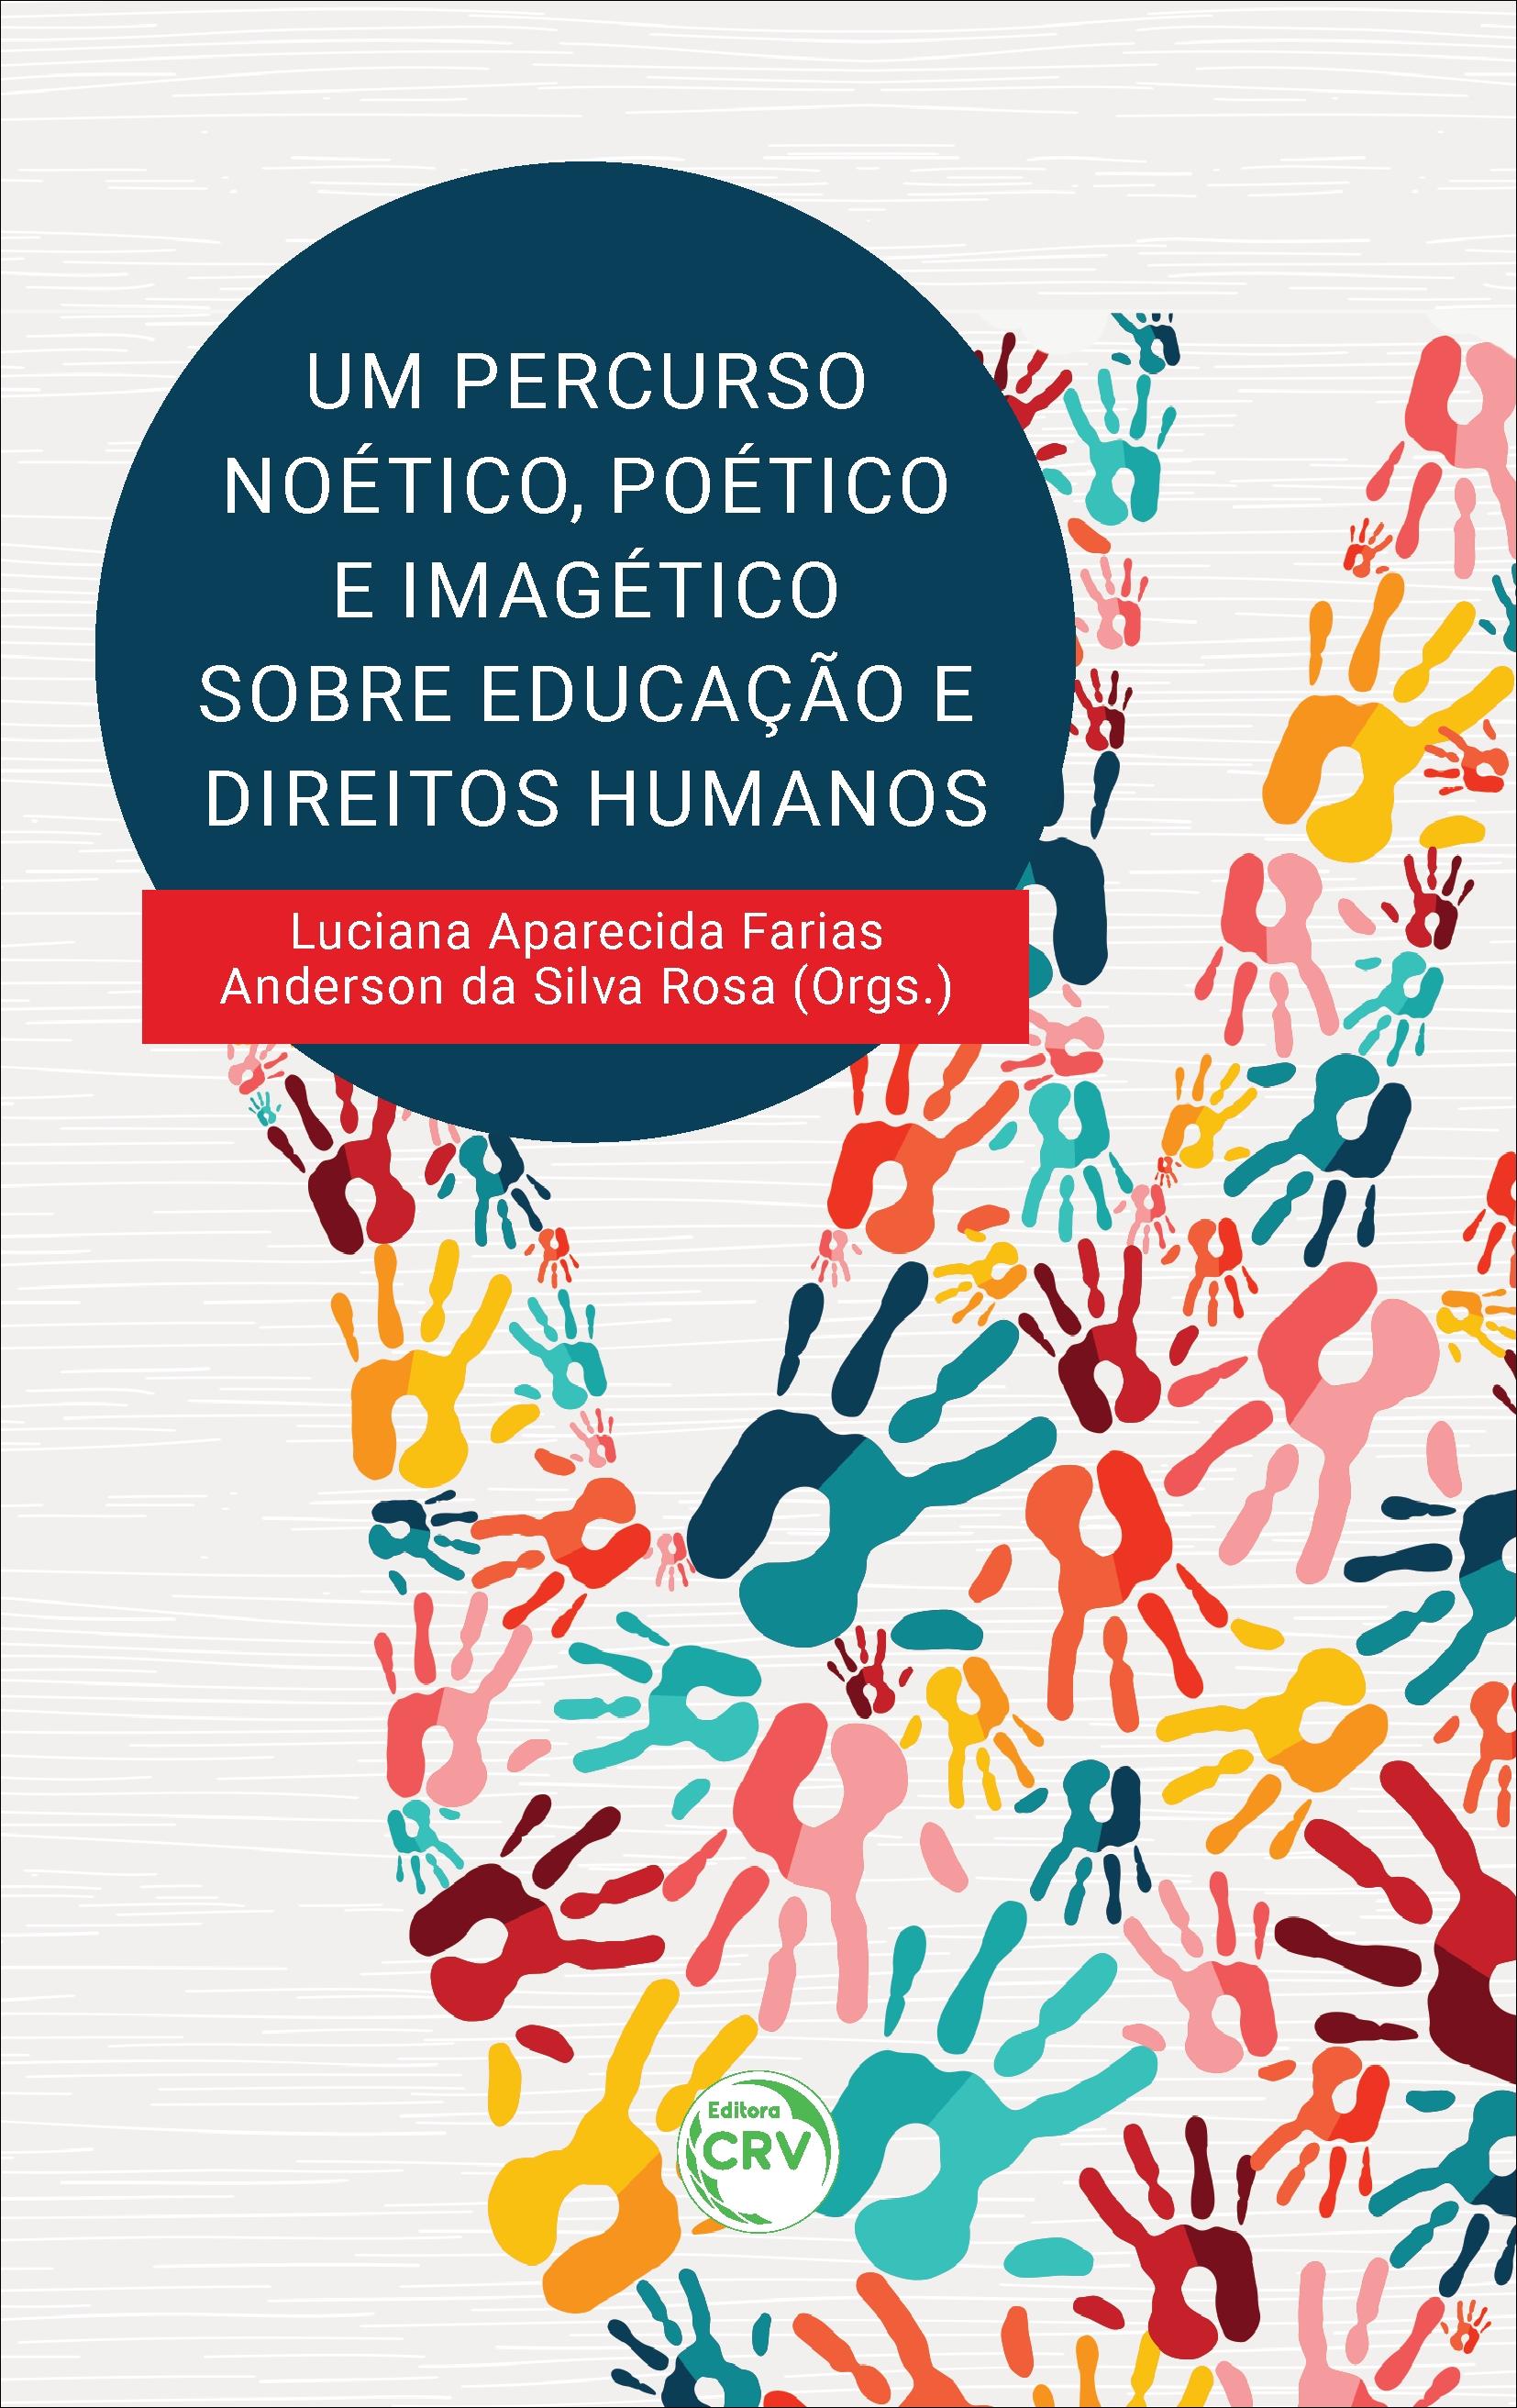 Capa do livro: UM PERCURSO NOÉTICO, POÉTICO E IMAGÉTICO SOBRE EDUCAÇÃO E DIREITOS HUMANOS